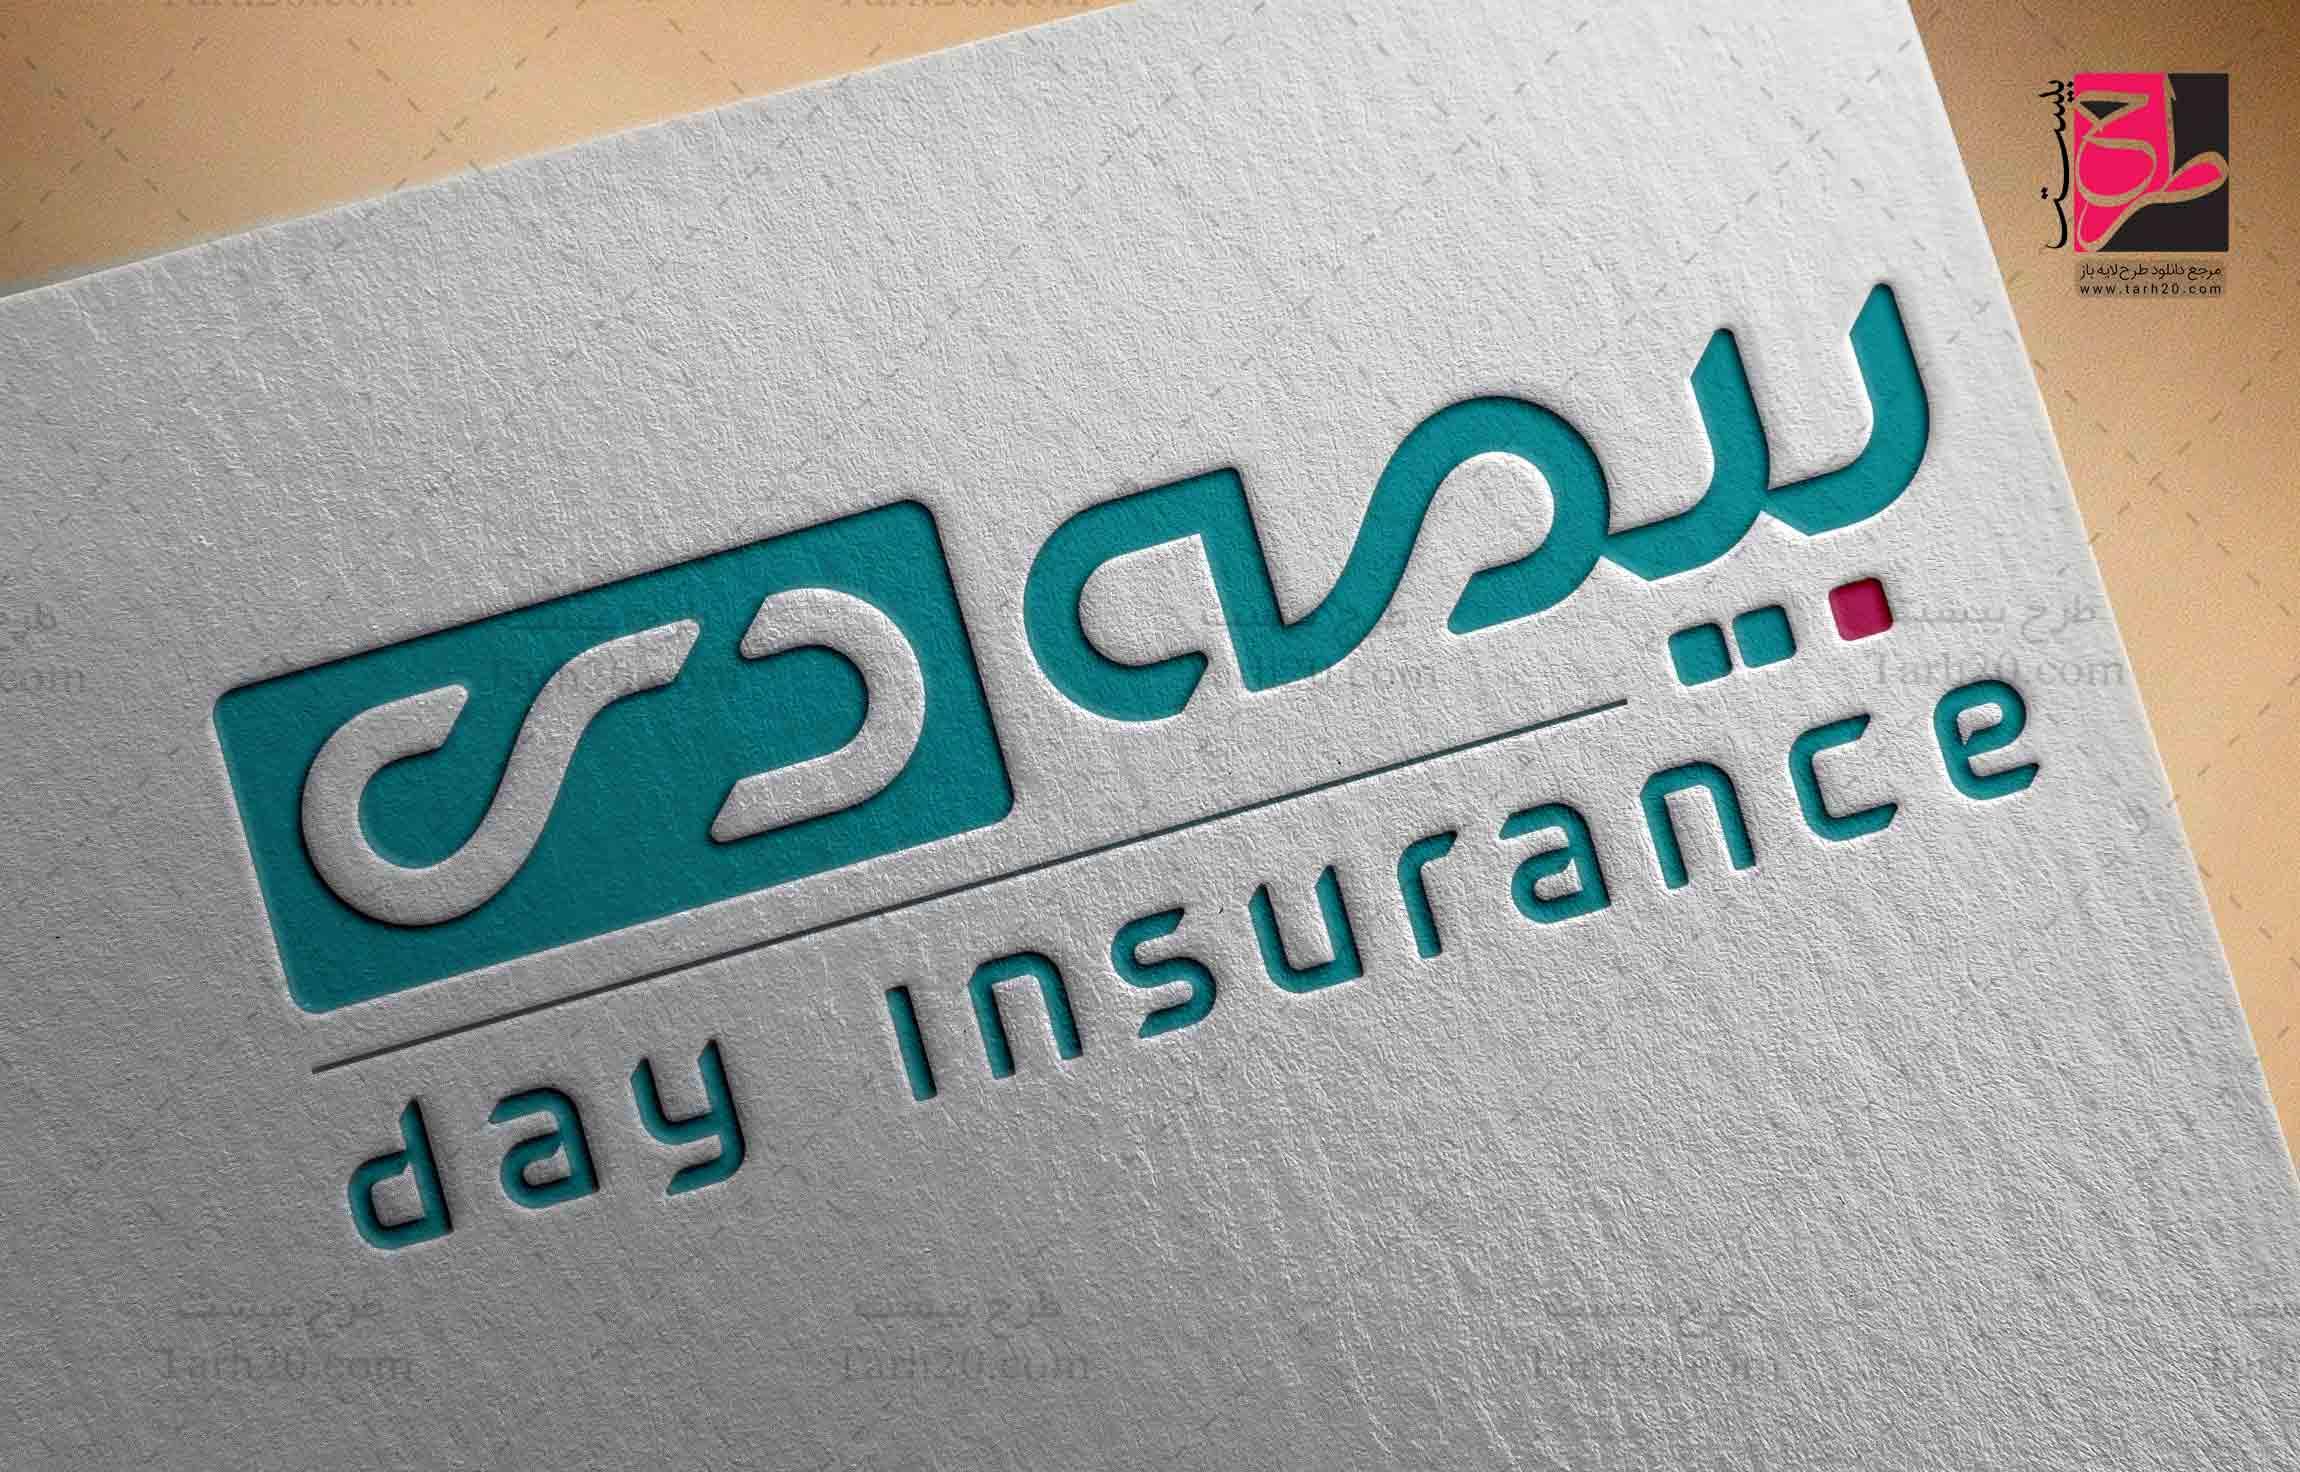 پوشش گسترده خدمات بیمهای با ستارههای بیمه دی